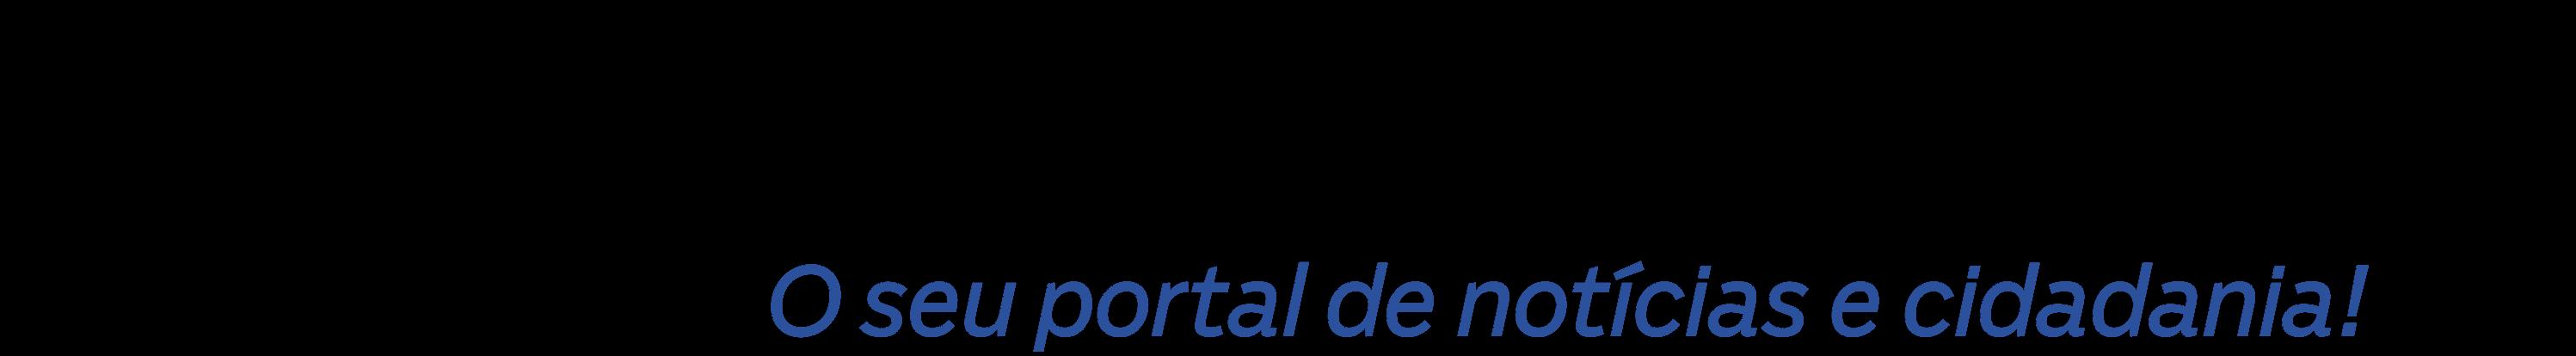 Gama Cidadão | O seu portal de notícias do Gama – DF